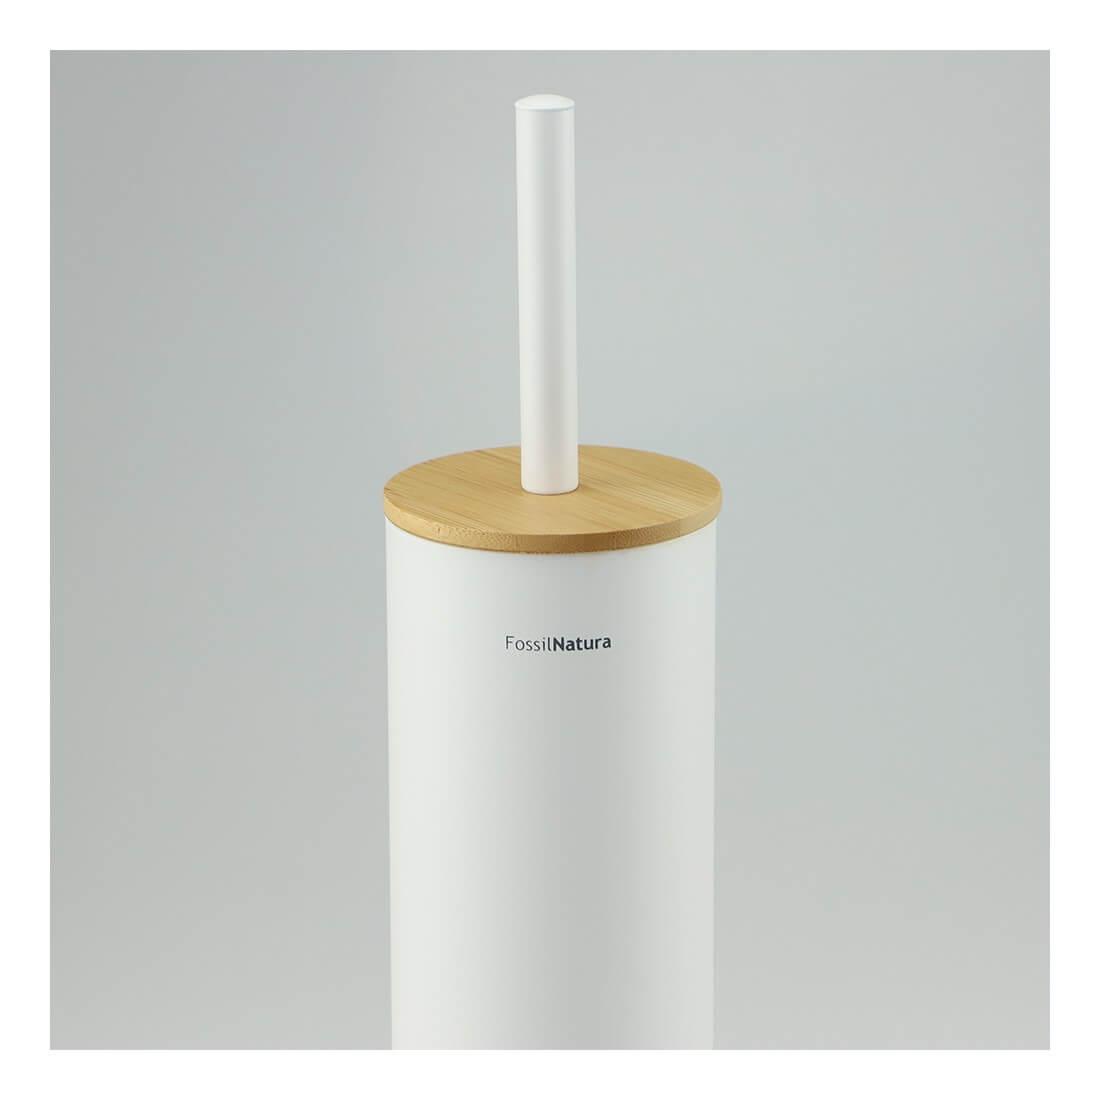 ▷ Acceosrios de baño Baratos Online -【Comprar al Mejor Precio】 - TheBath